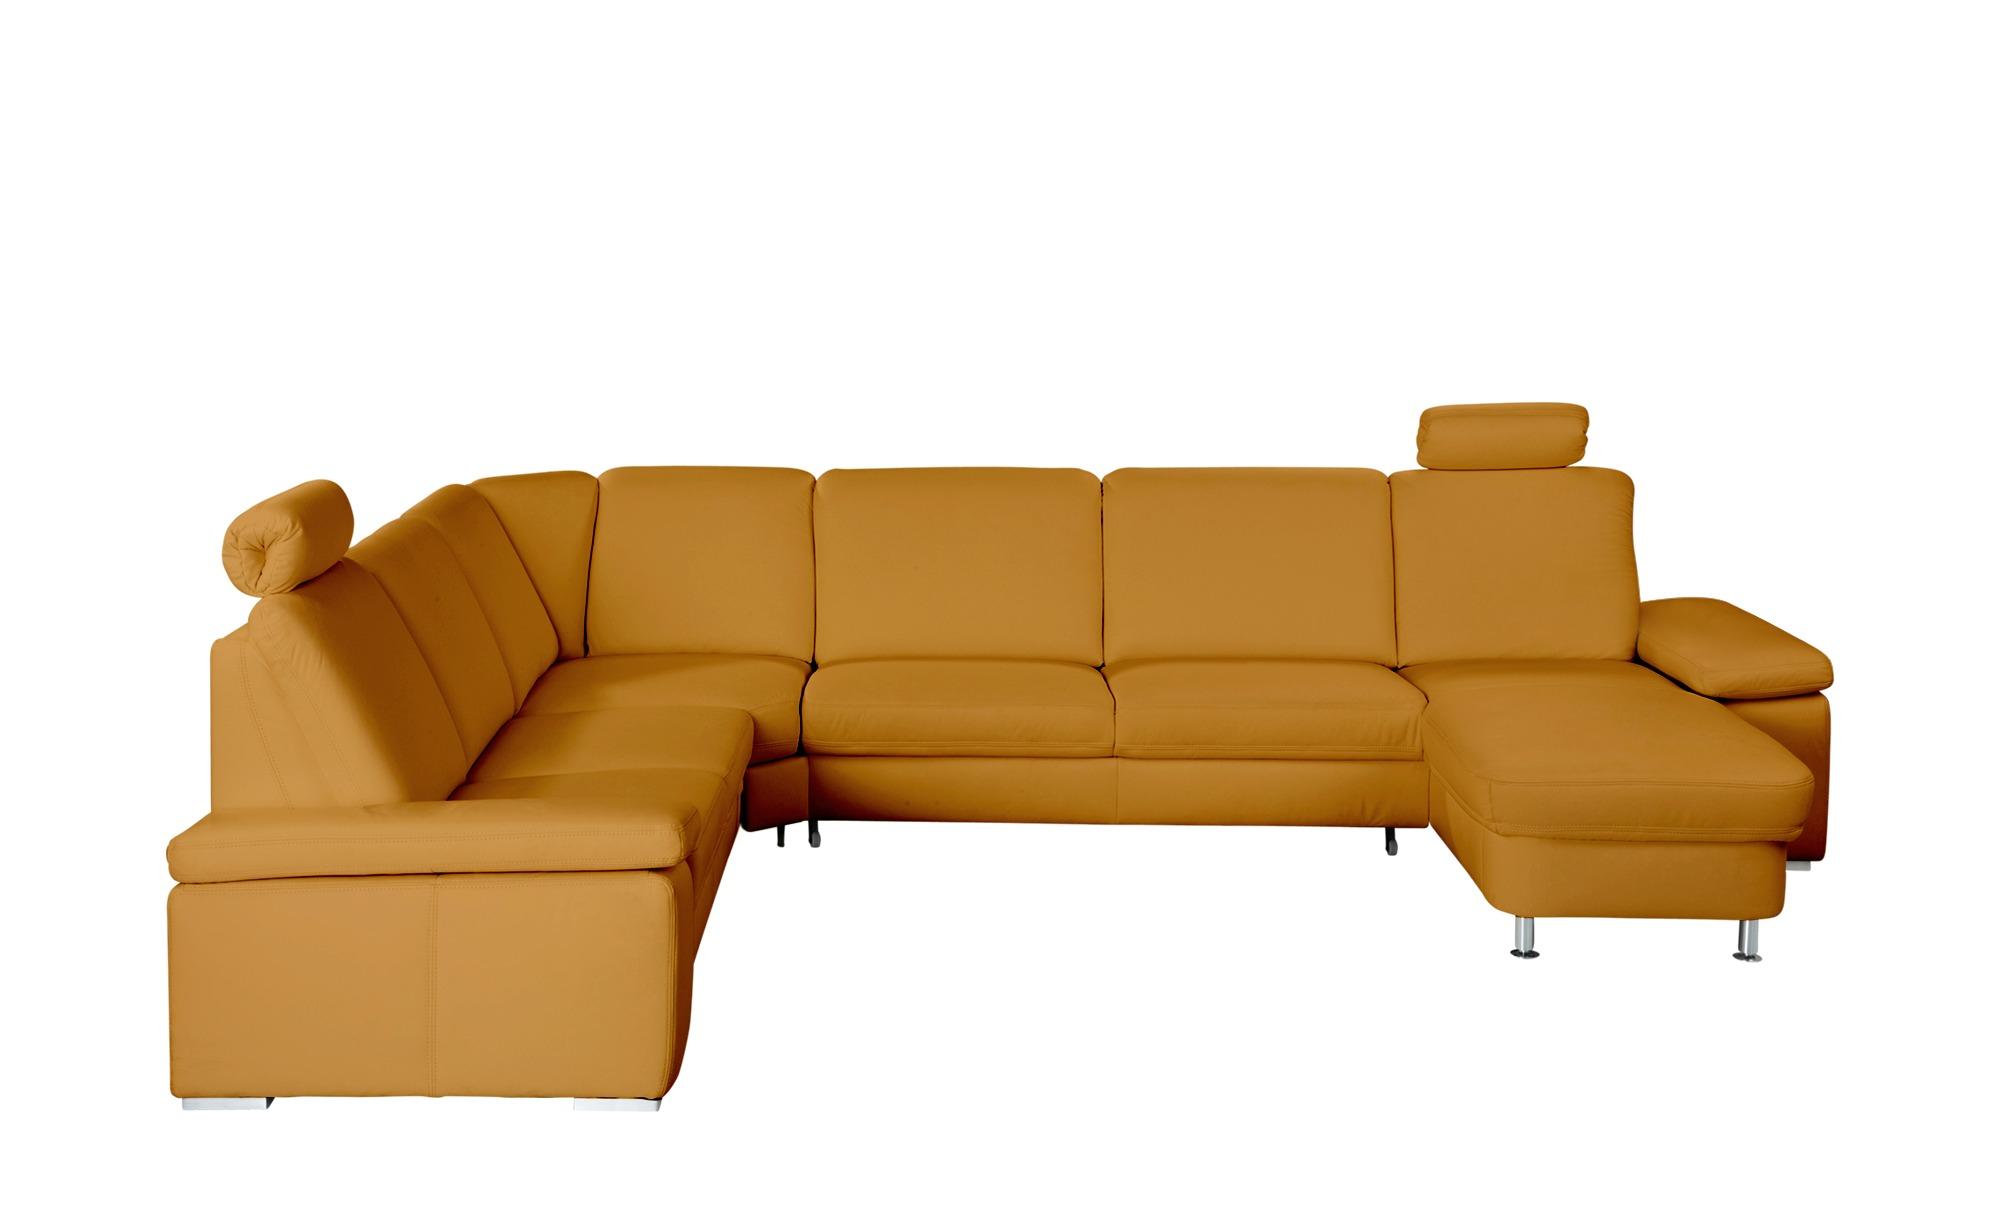 meinsofa leder eckcouch mit funktion elsa breite h he 91. Black Bedroom Furniture Sets. Home Design Ideas